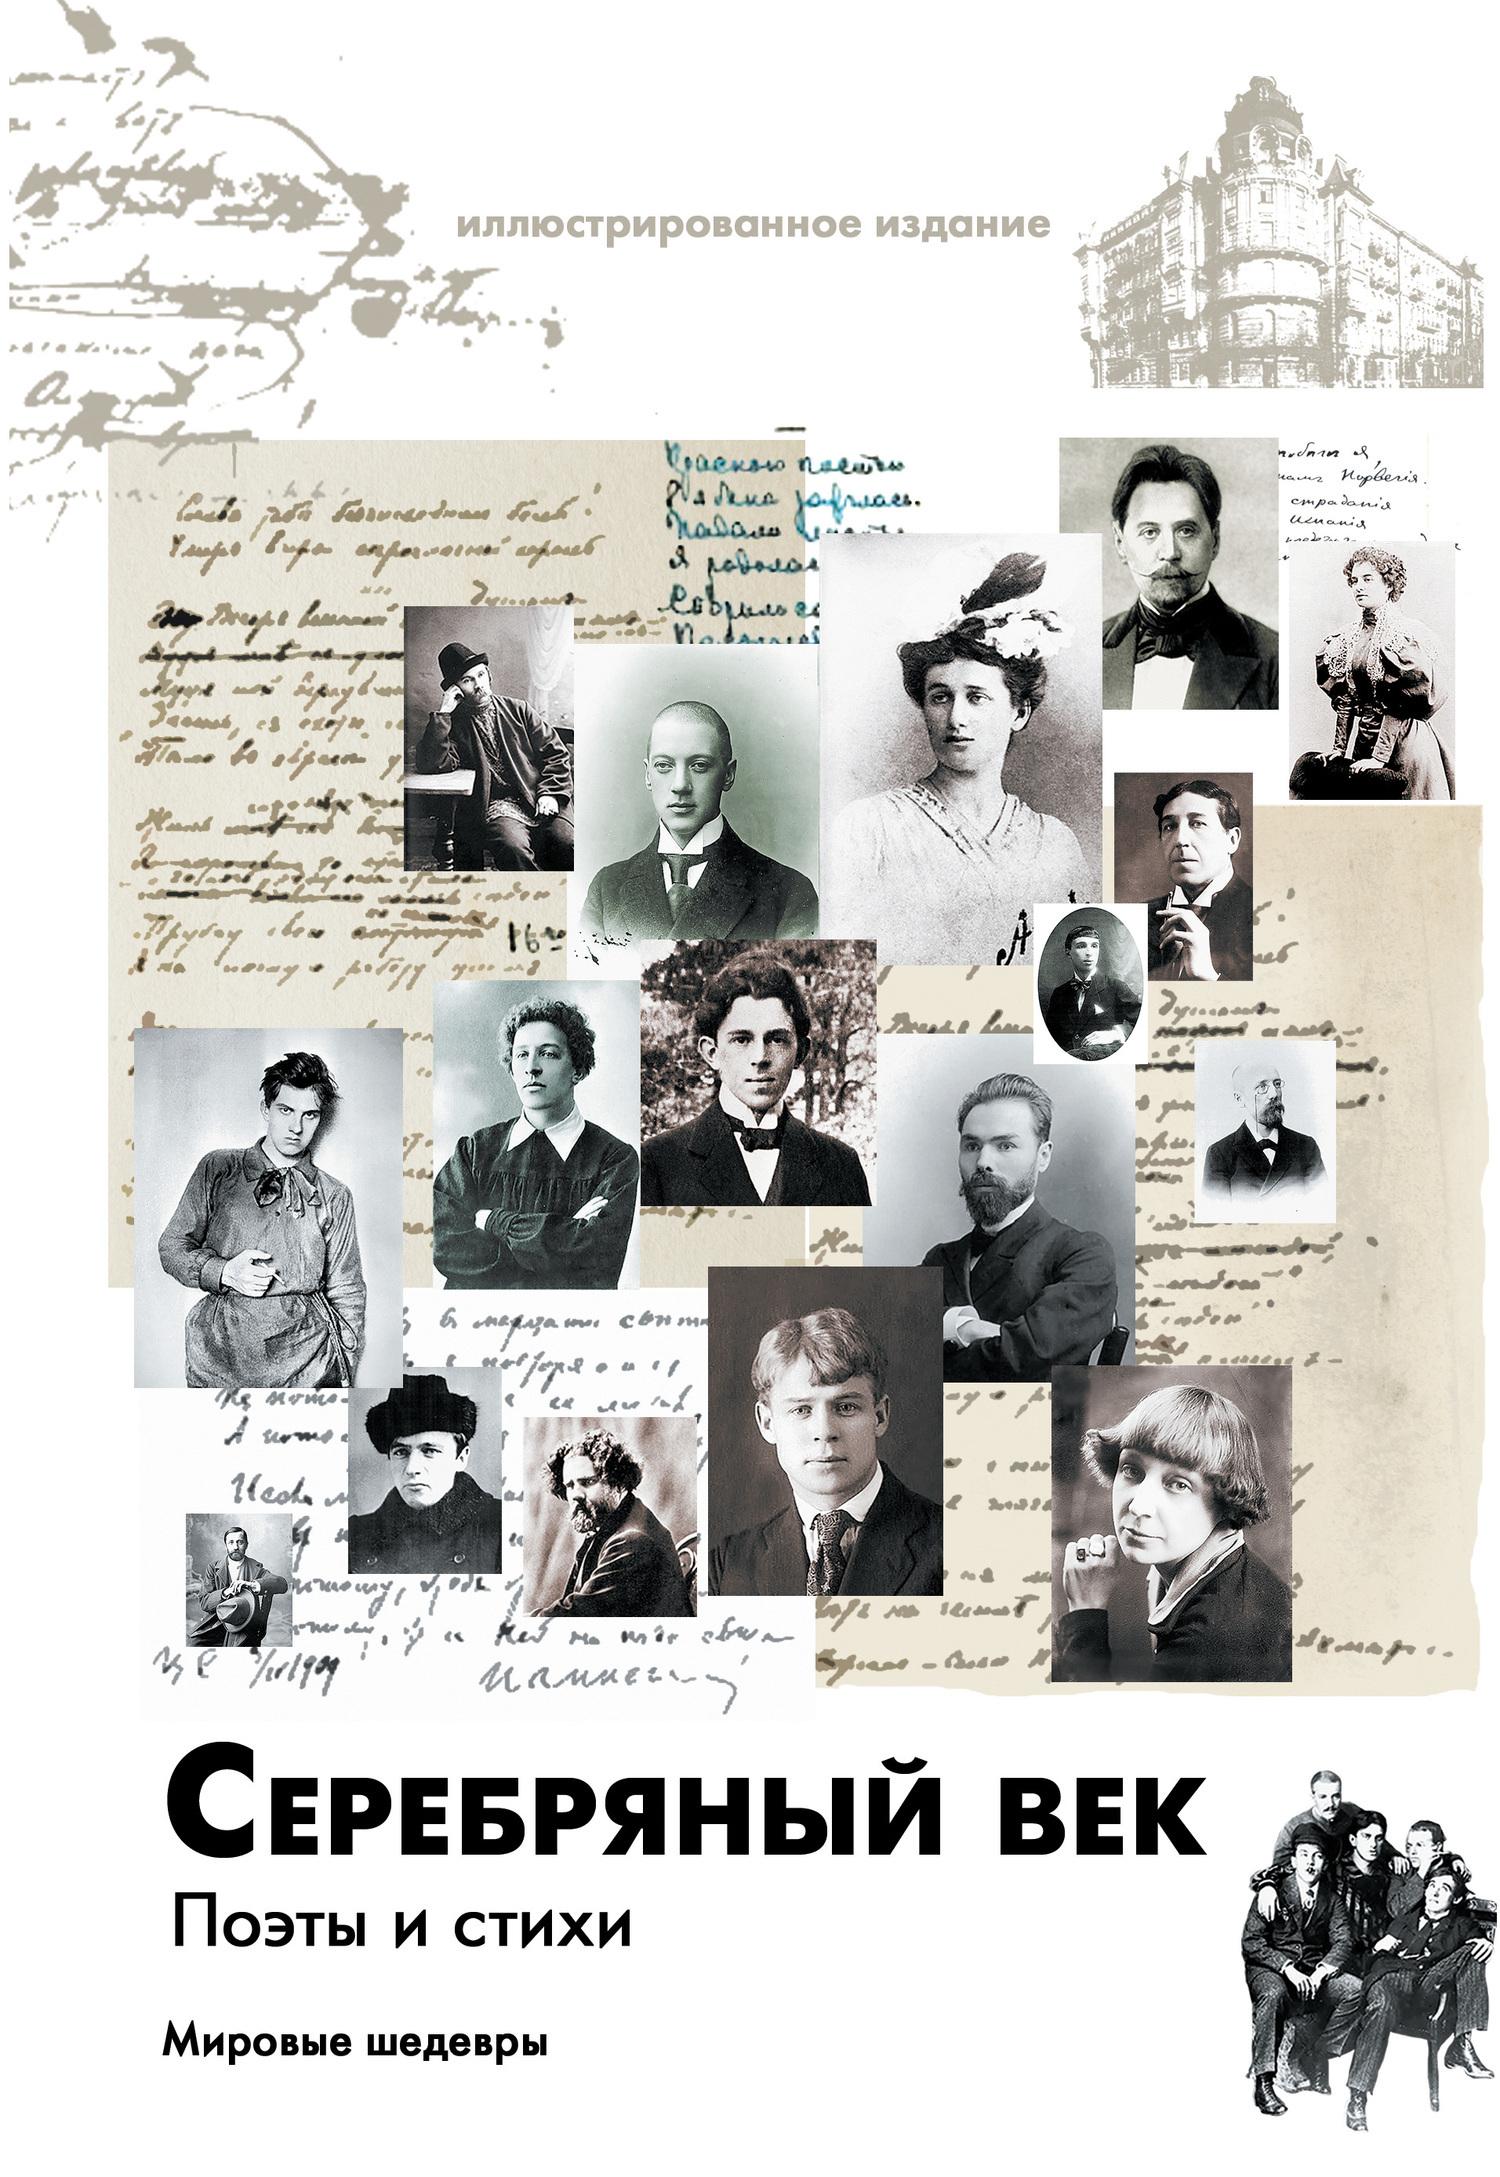 Антология Серебряный век. Поэты и стихи поэты азербайджанцы москвичи антология